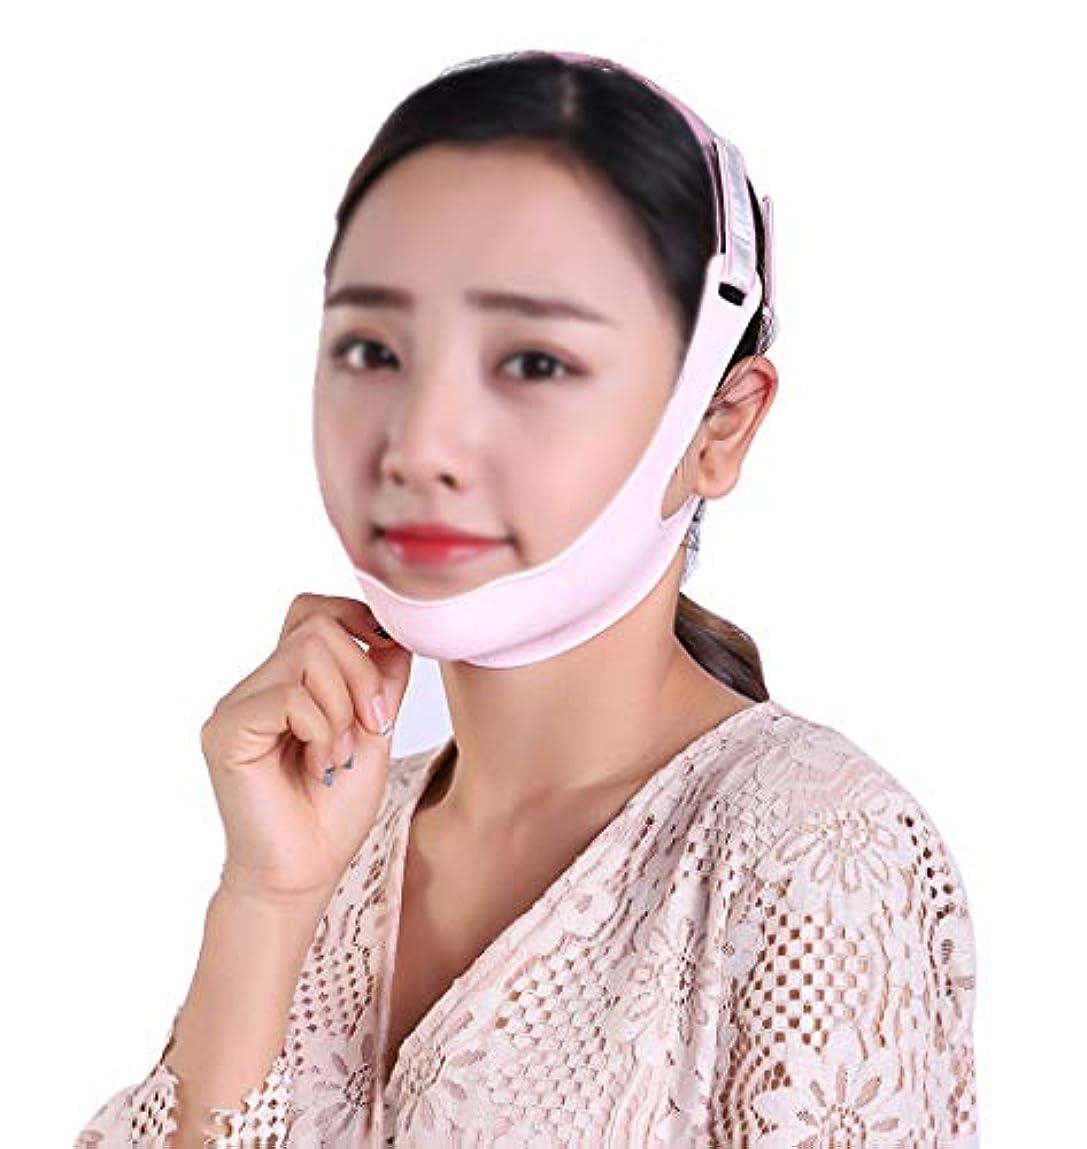 追放後継パイプTLMY フェイシャルリフティングマスクシリコンVマスク引き締めフェイシャル包帯スモールVフェイスアーティファクト防止リラクゼーションフェイシャル&ネックリフティング 顔用整形マスク (Size : M)